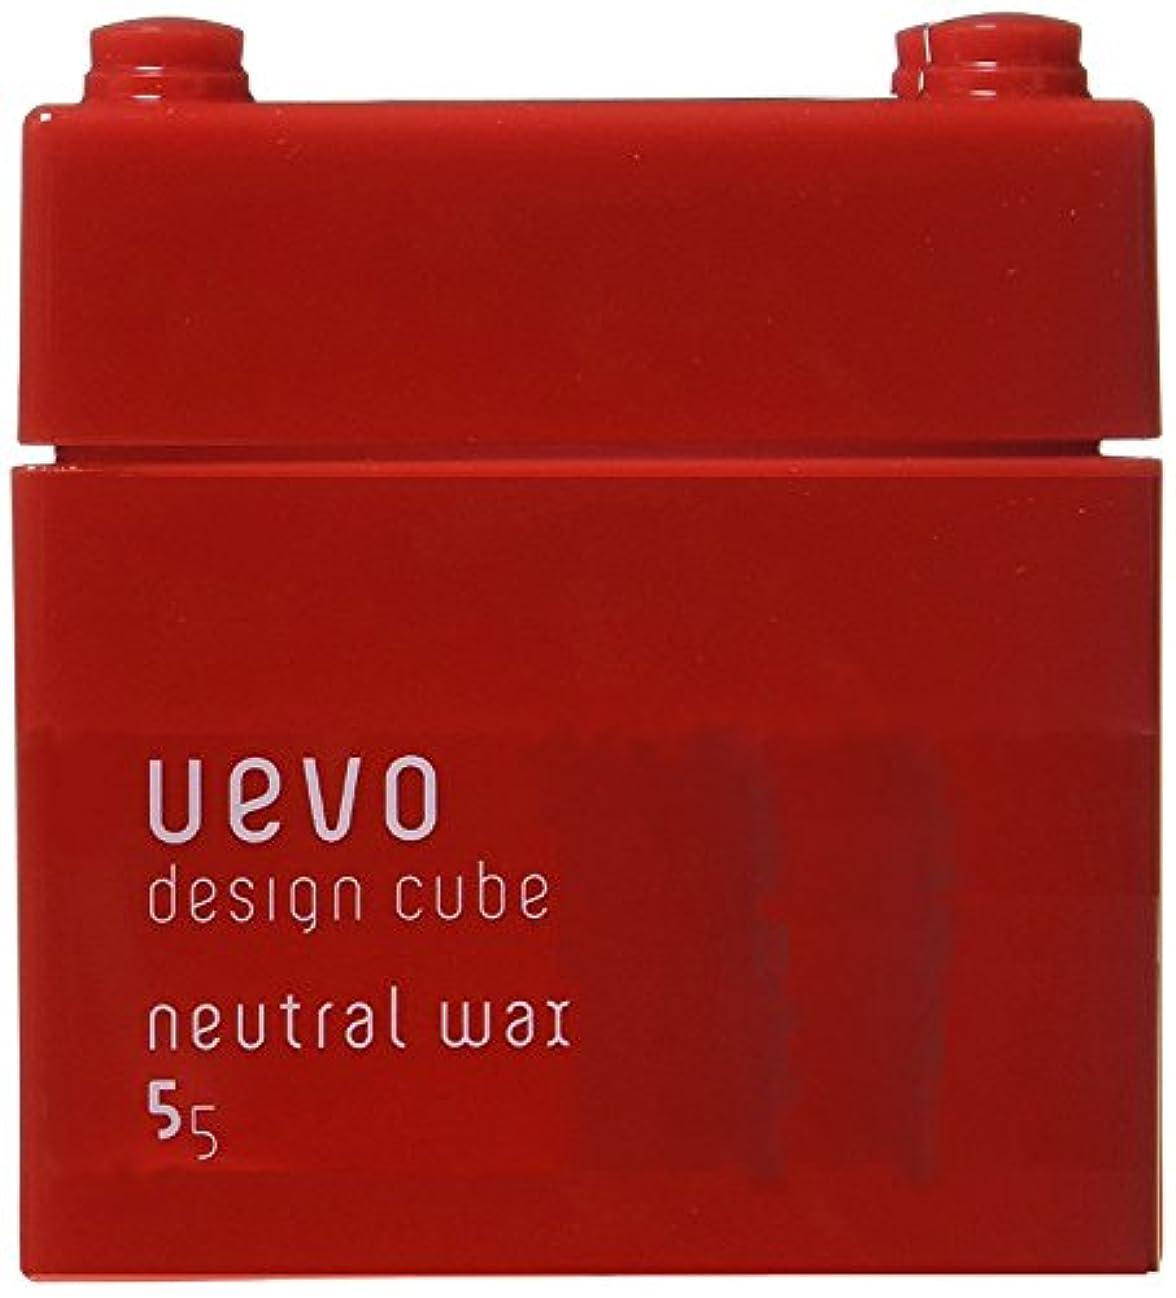 耐えられる堂々たるパックデミ?ウェーボ デザインキューブ ニュートラルワックス 80g(並行輸入品)